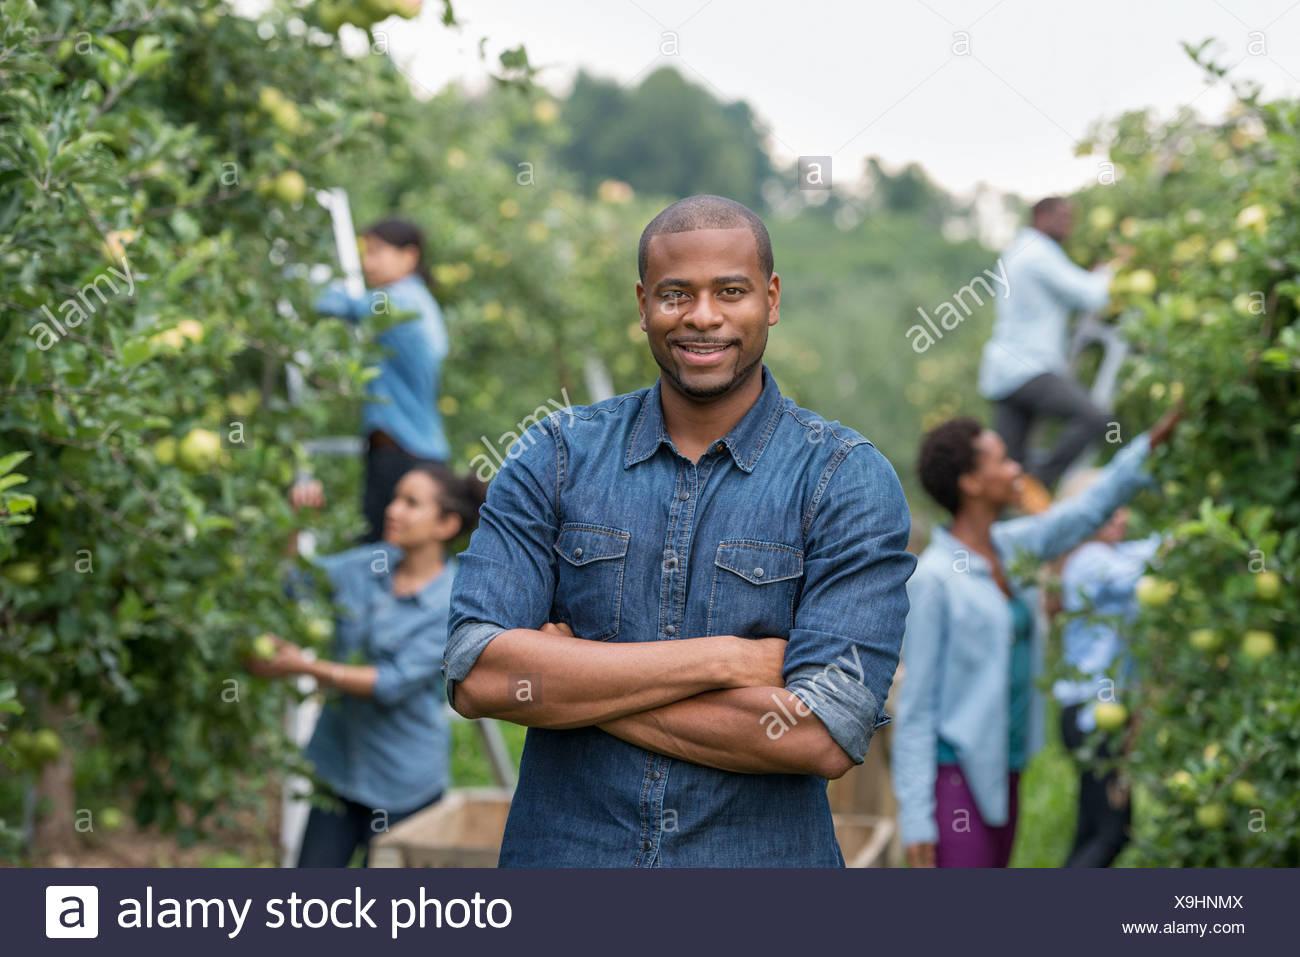 Einem organischen Obstgarten auf einem Bauernhof. Eine Gruppe von Menschen, die grüne Äpfel von den Bäumen pflücken. Stockbild